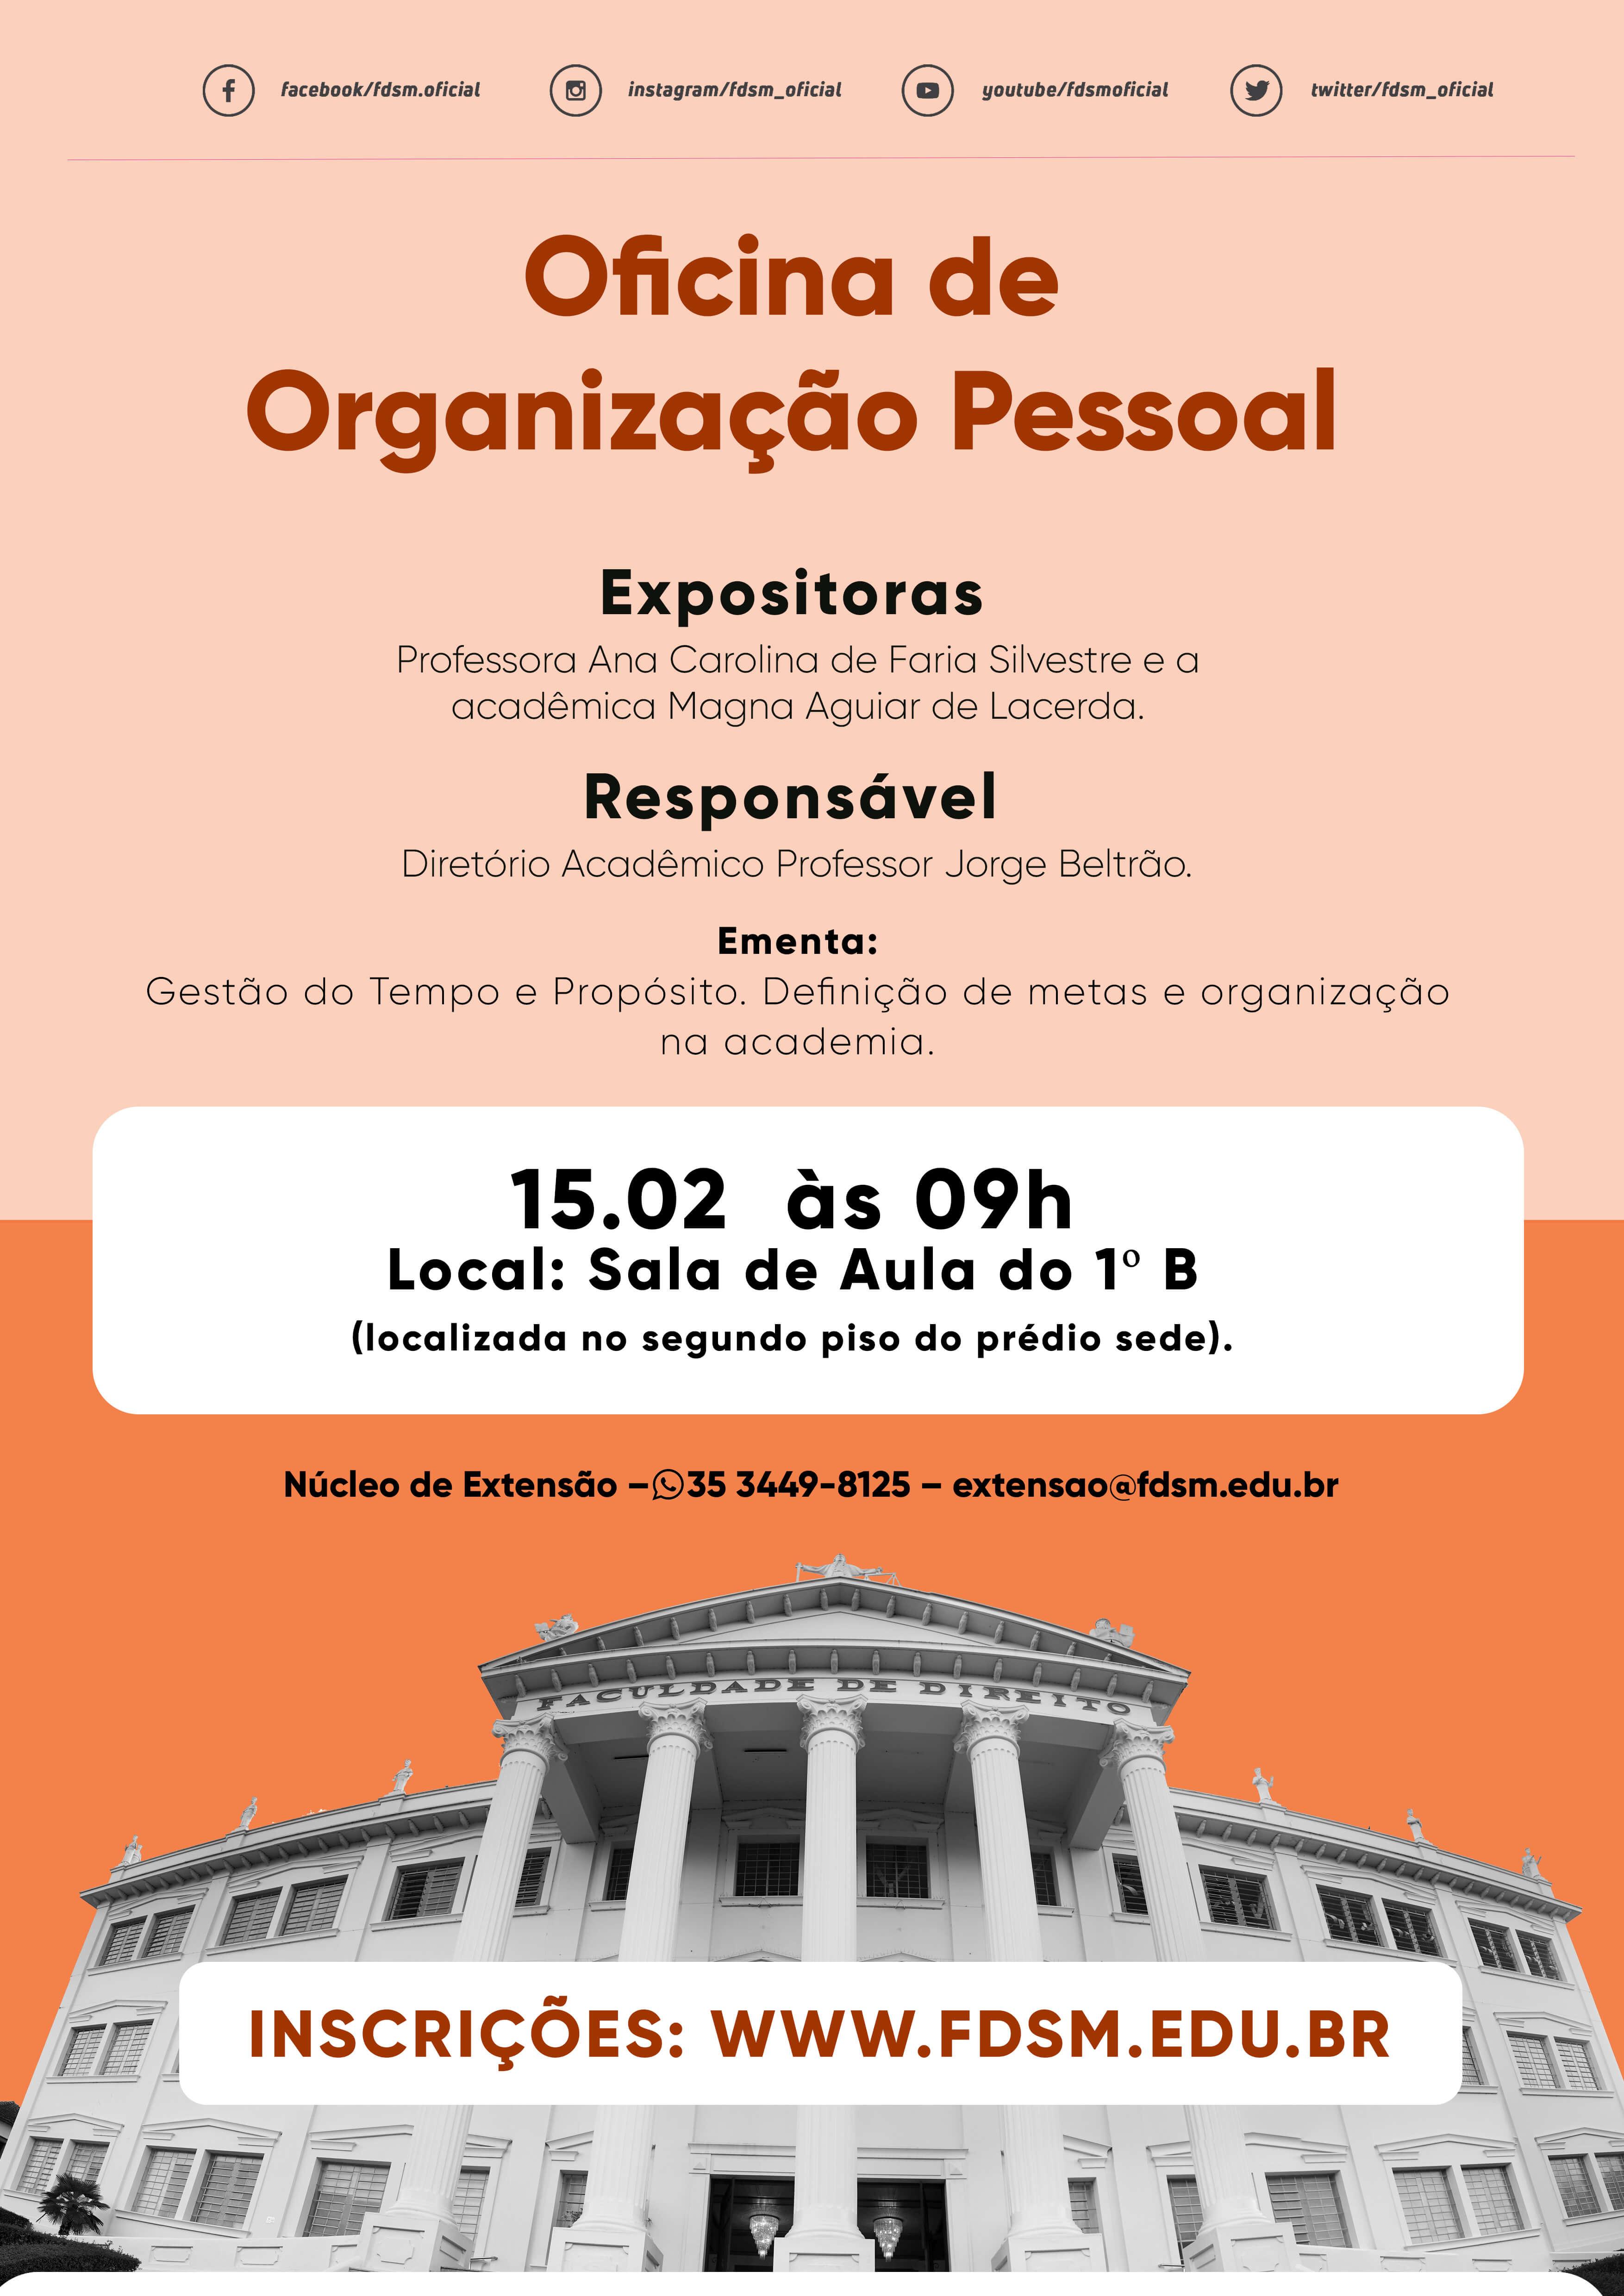 Oficina de Organização Pessoal